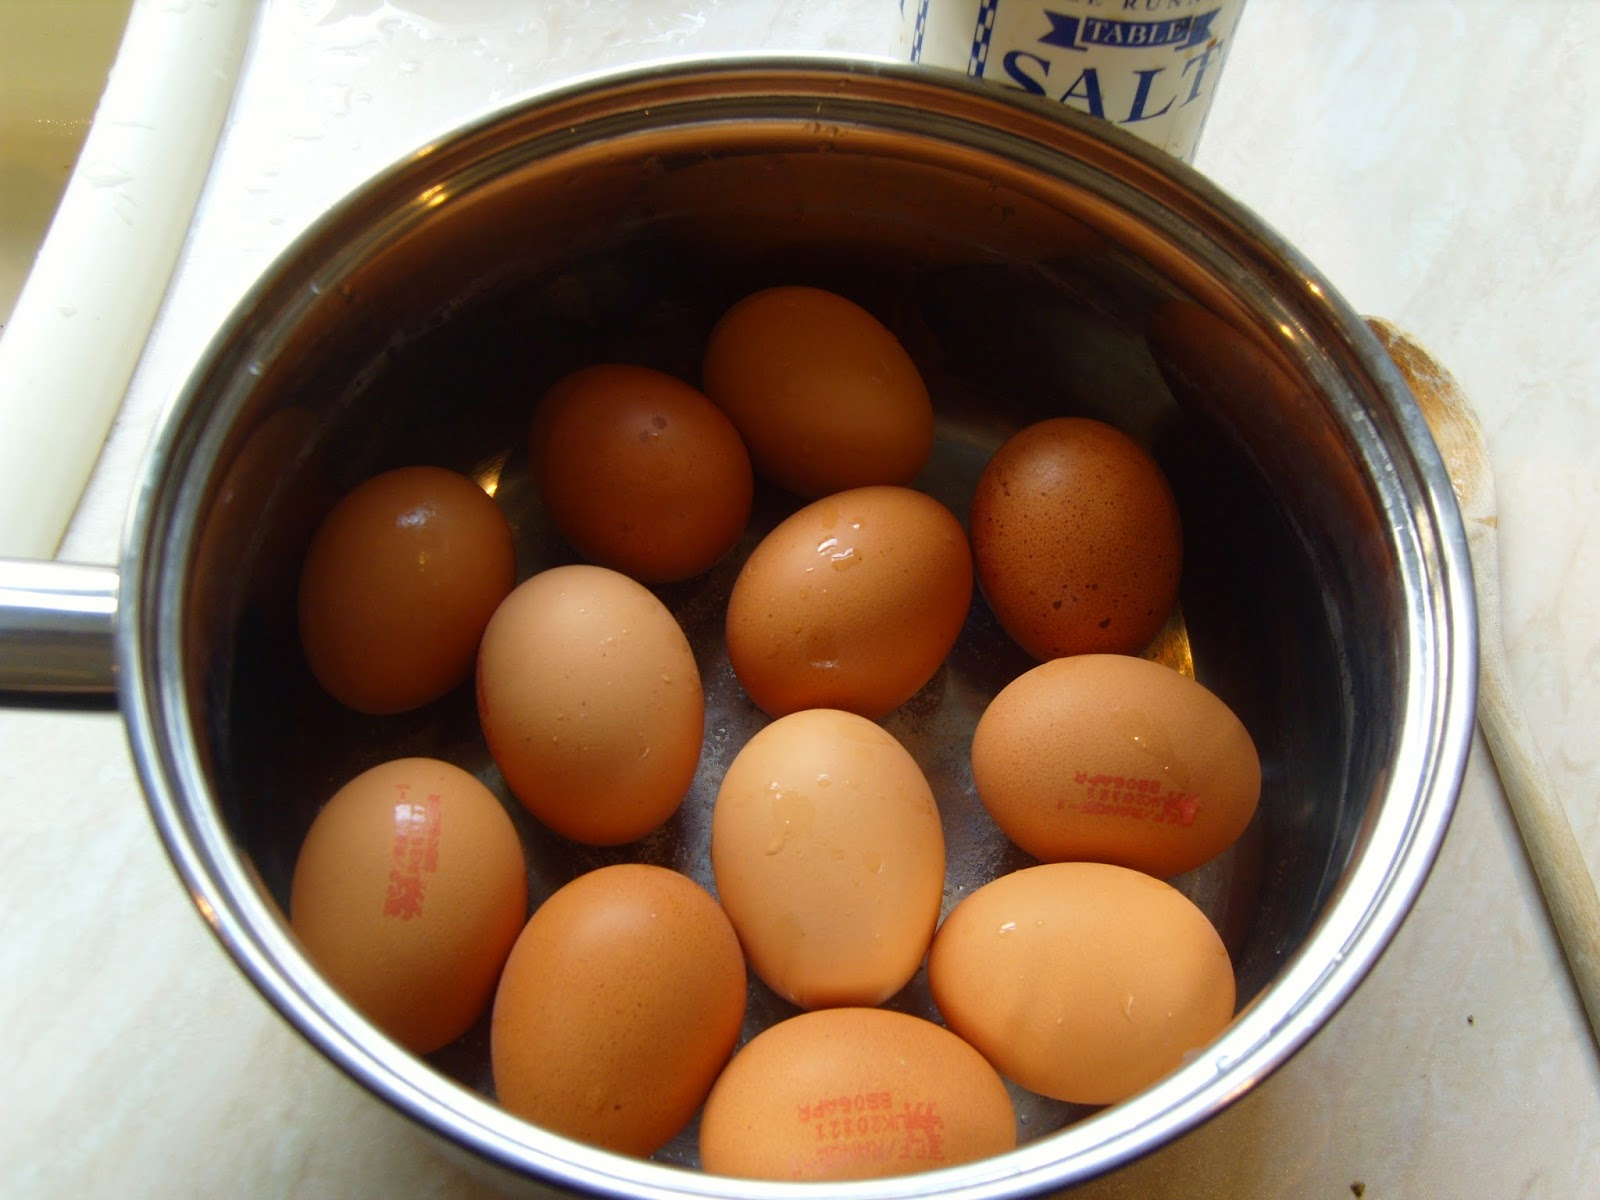 Manfaat telur rebus bagi kesehatan tubuh